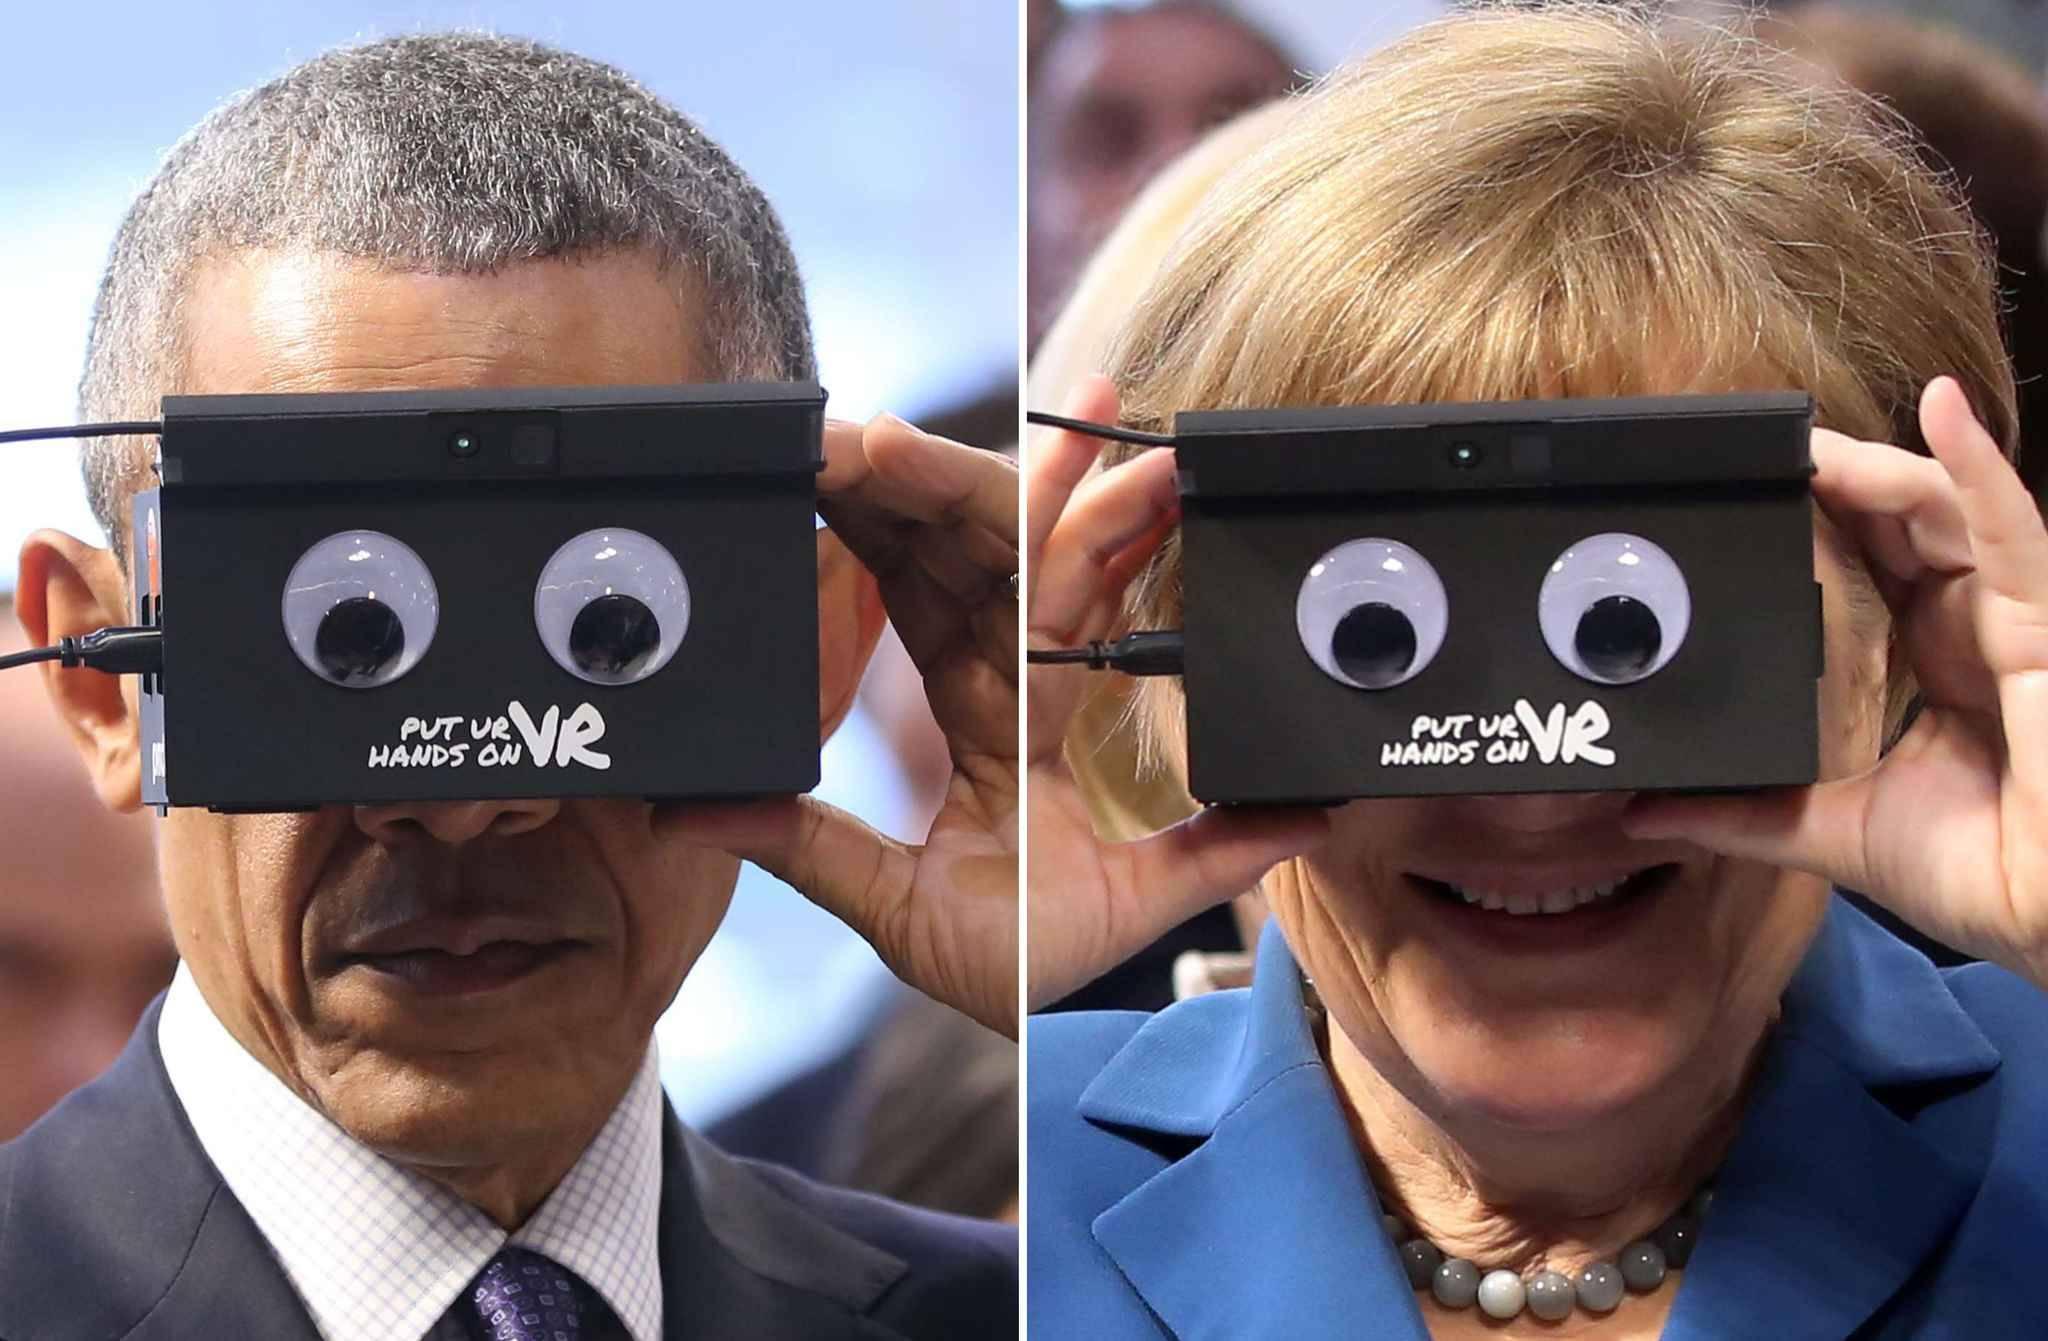 [Jeu] Association d'images - Page 17 2048x1536-fit_barack-obama-angela-merkel-testent-casque-realite-virtuelle-foire-hannovre-25-avril-2016